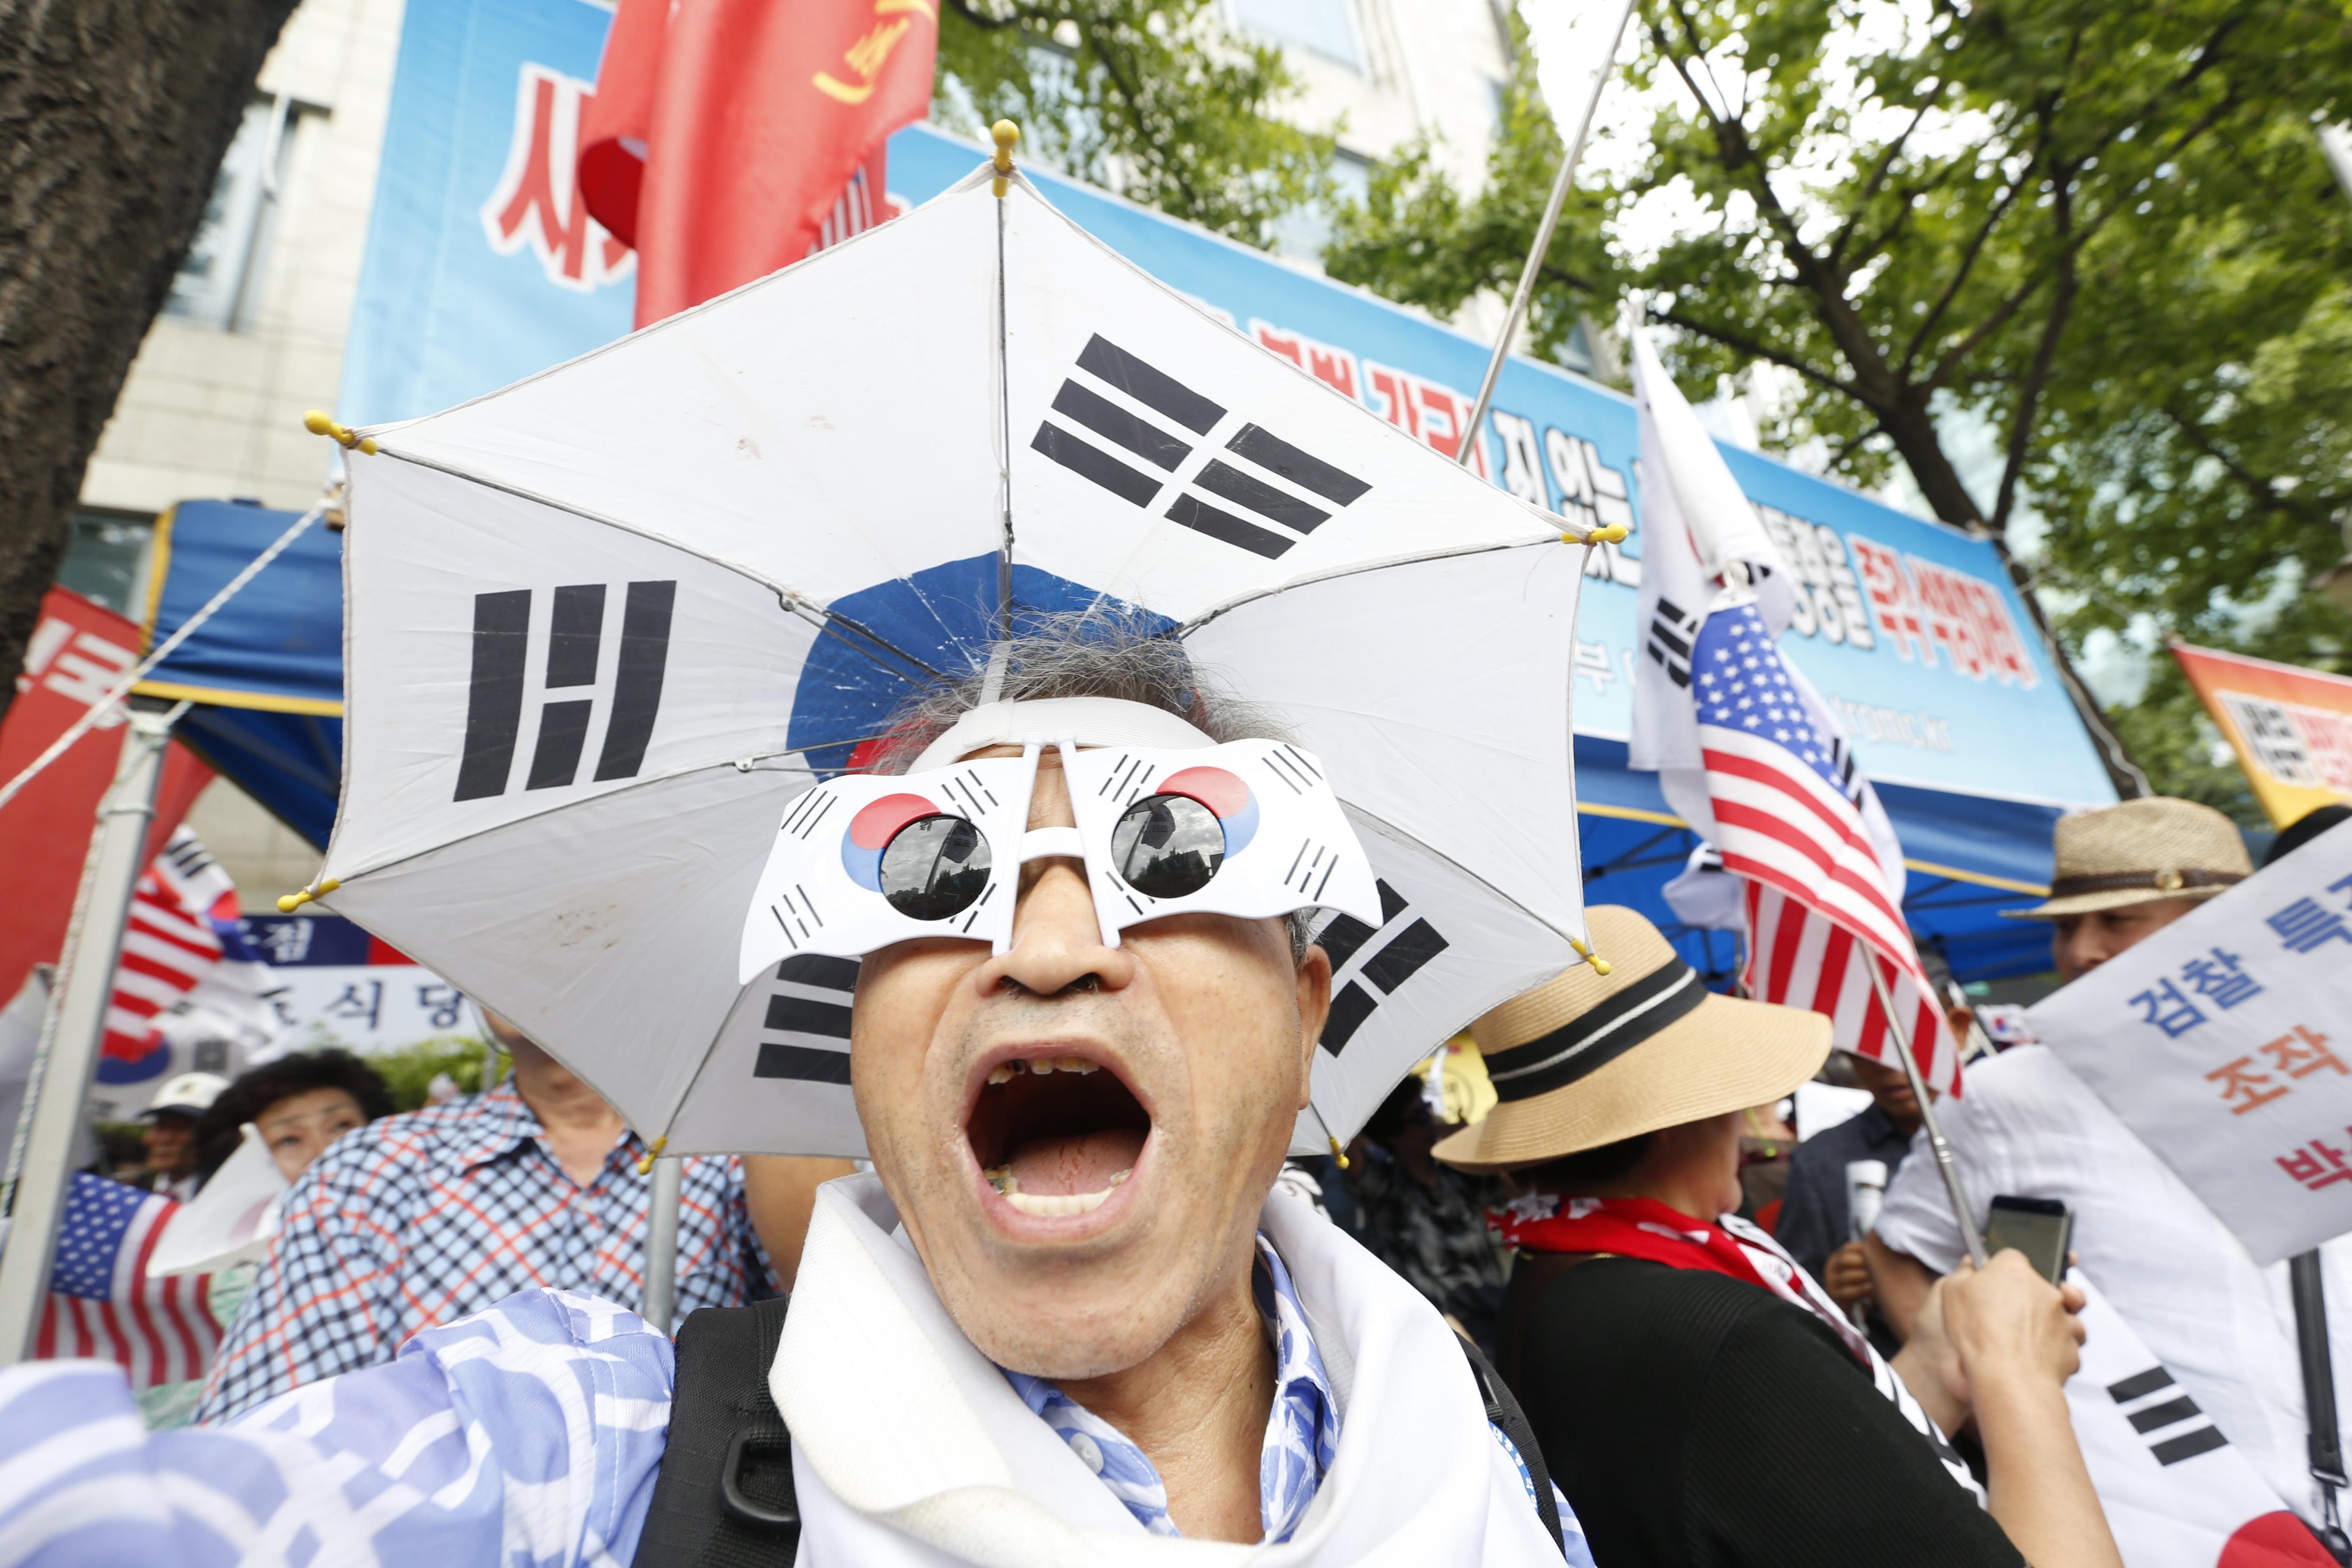 """Un grup de simpatitzants mostren el seu suport a l'hereu de Samsung, Lee Jae-Yong, davant el Tribunal del Districte Central de Seül, Corea del Sud. L'hereu i líder de facto de Samsung, Lee Jae-yong, ha estat condemnat a cinc anys de presó per la seva implicació en el cas de corrupció de la """"Rasputina""""./Jeon Heon-Kyun"""